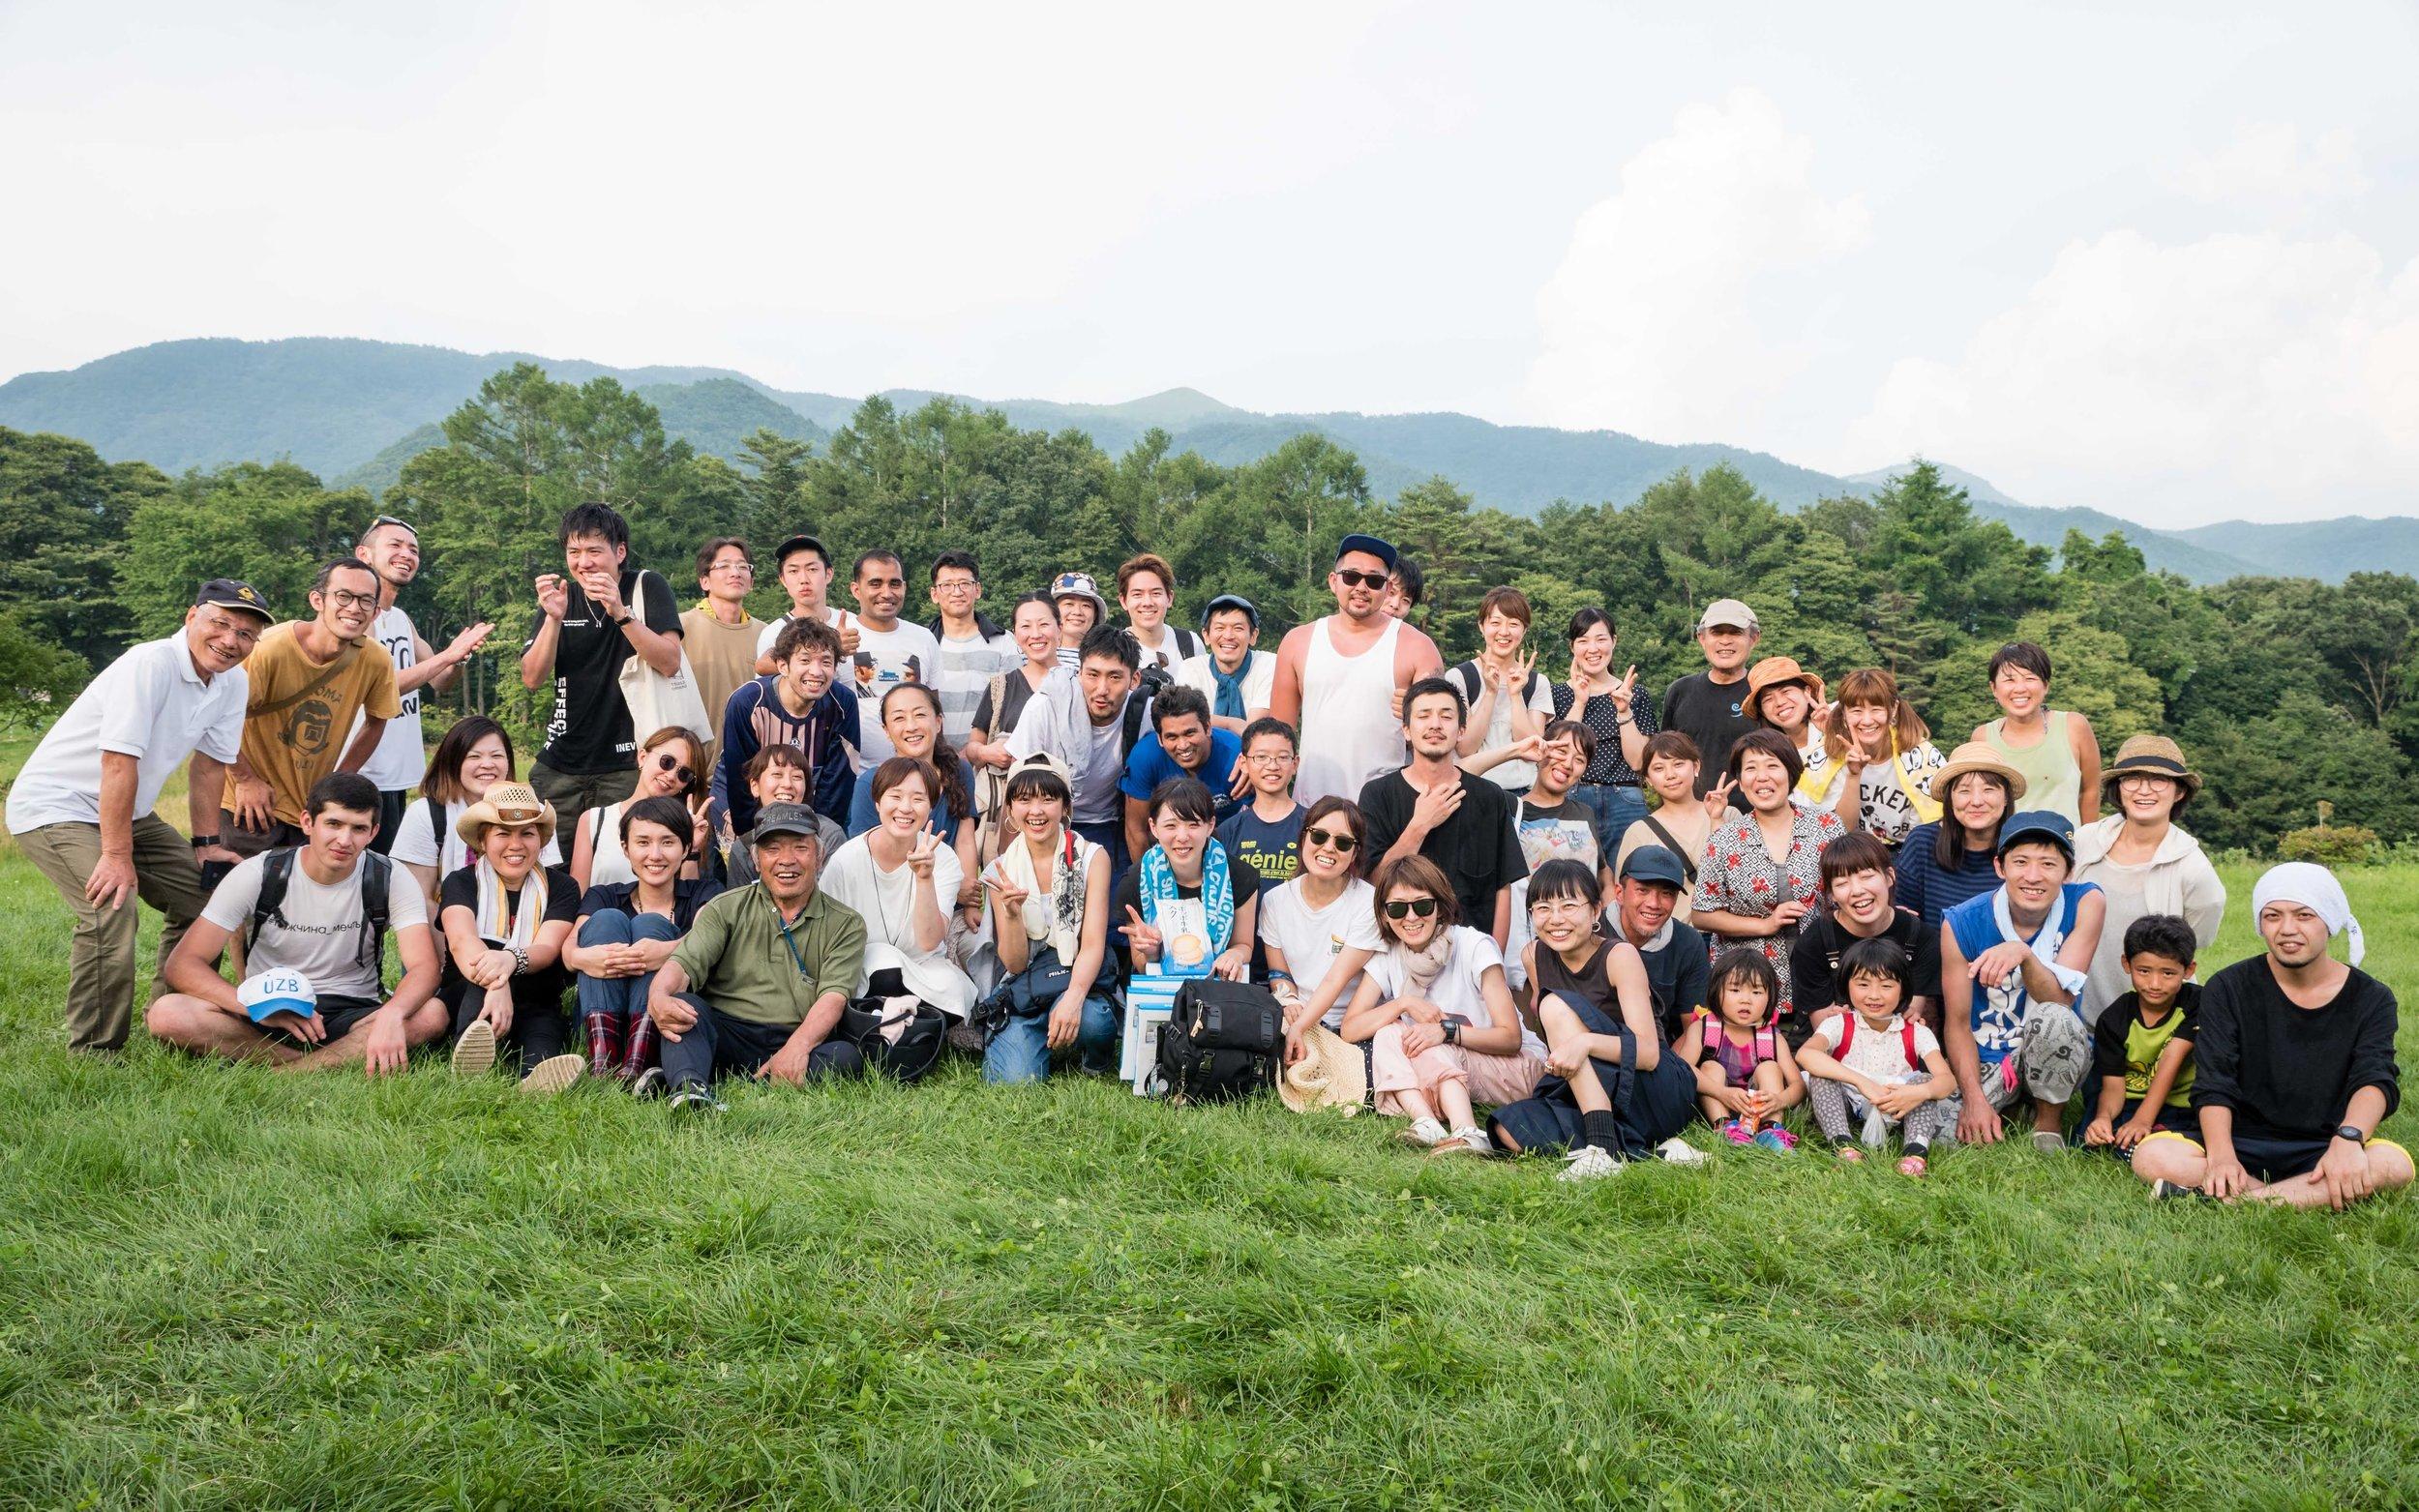 207-2018-07-16-KIYOSATO-BBQ.jpg